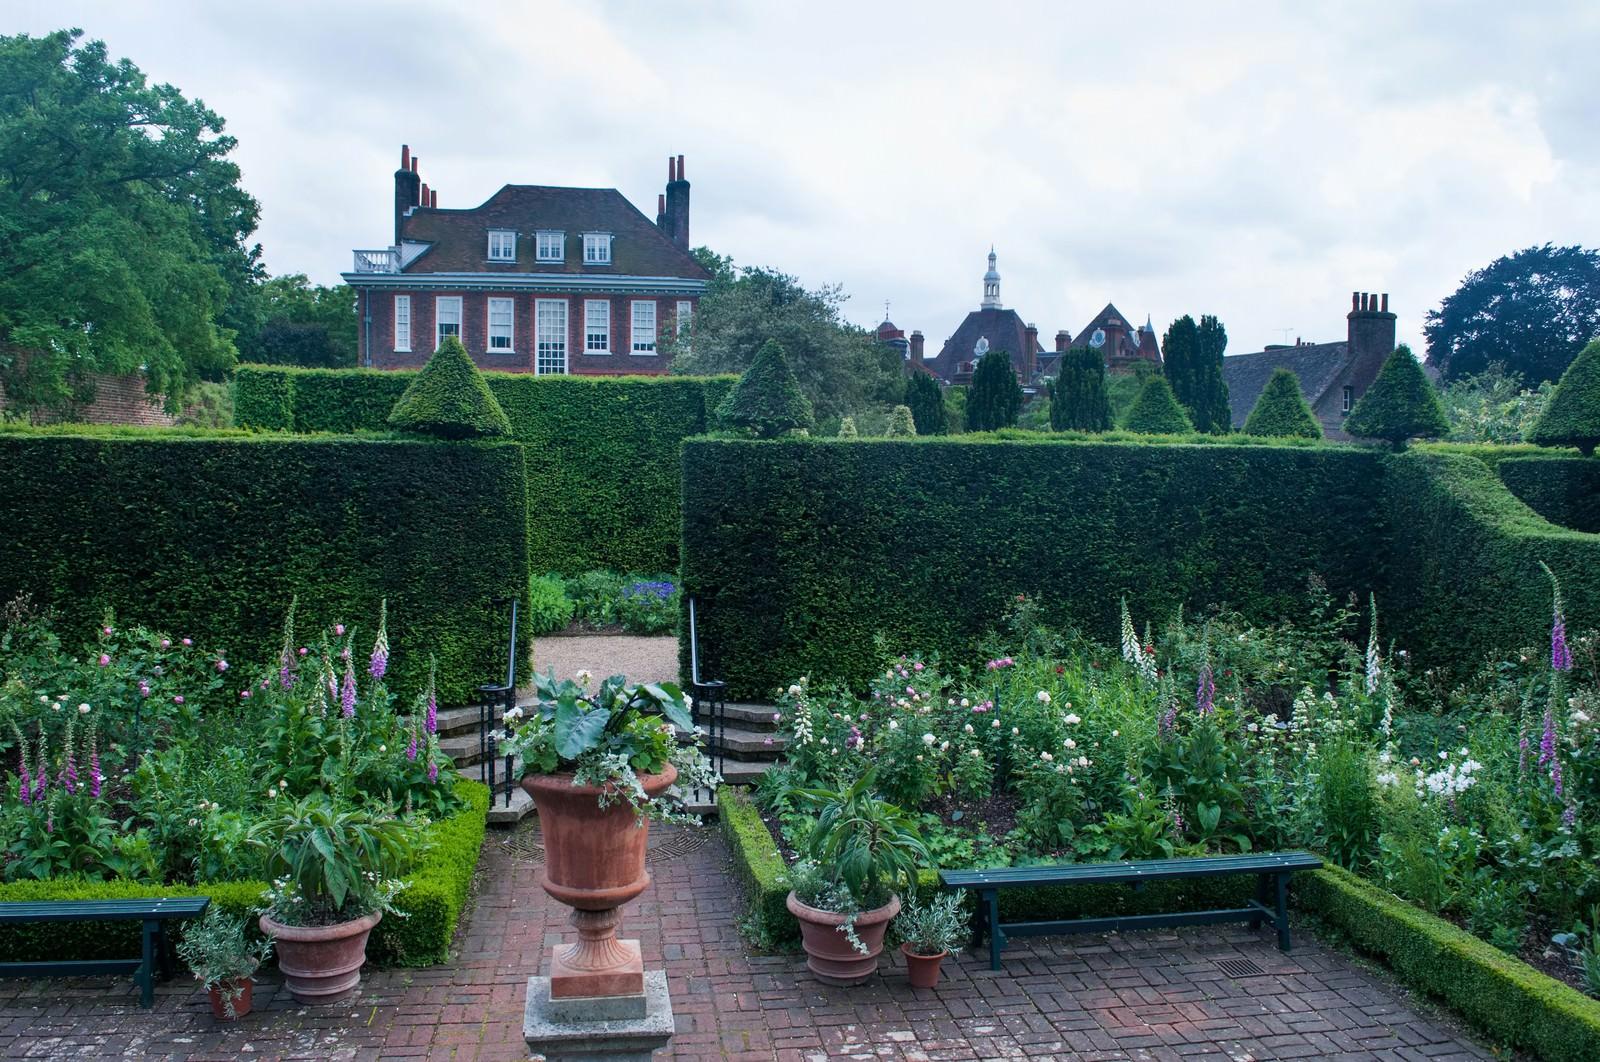 「フェントンハウス敷地内ガーデンフェントンハウス敷地内ガーデン」のフリー写真素材を拡大